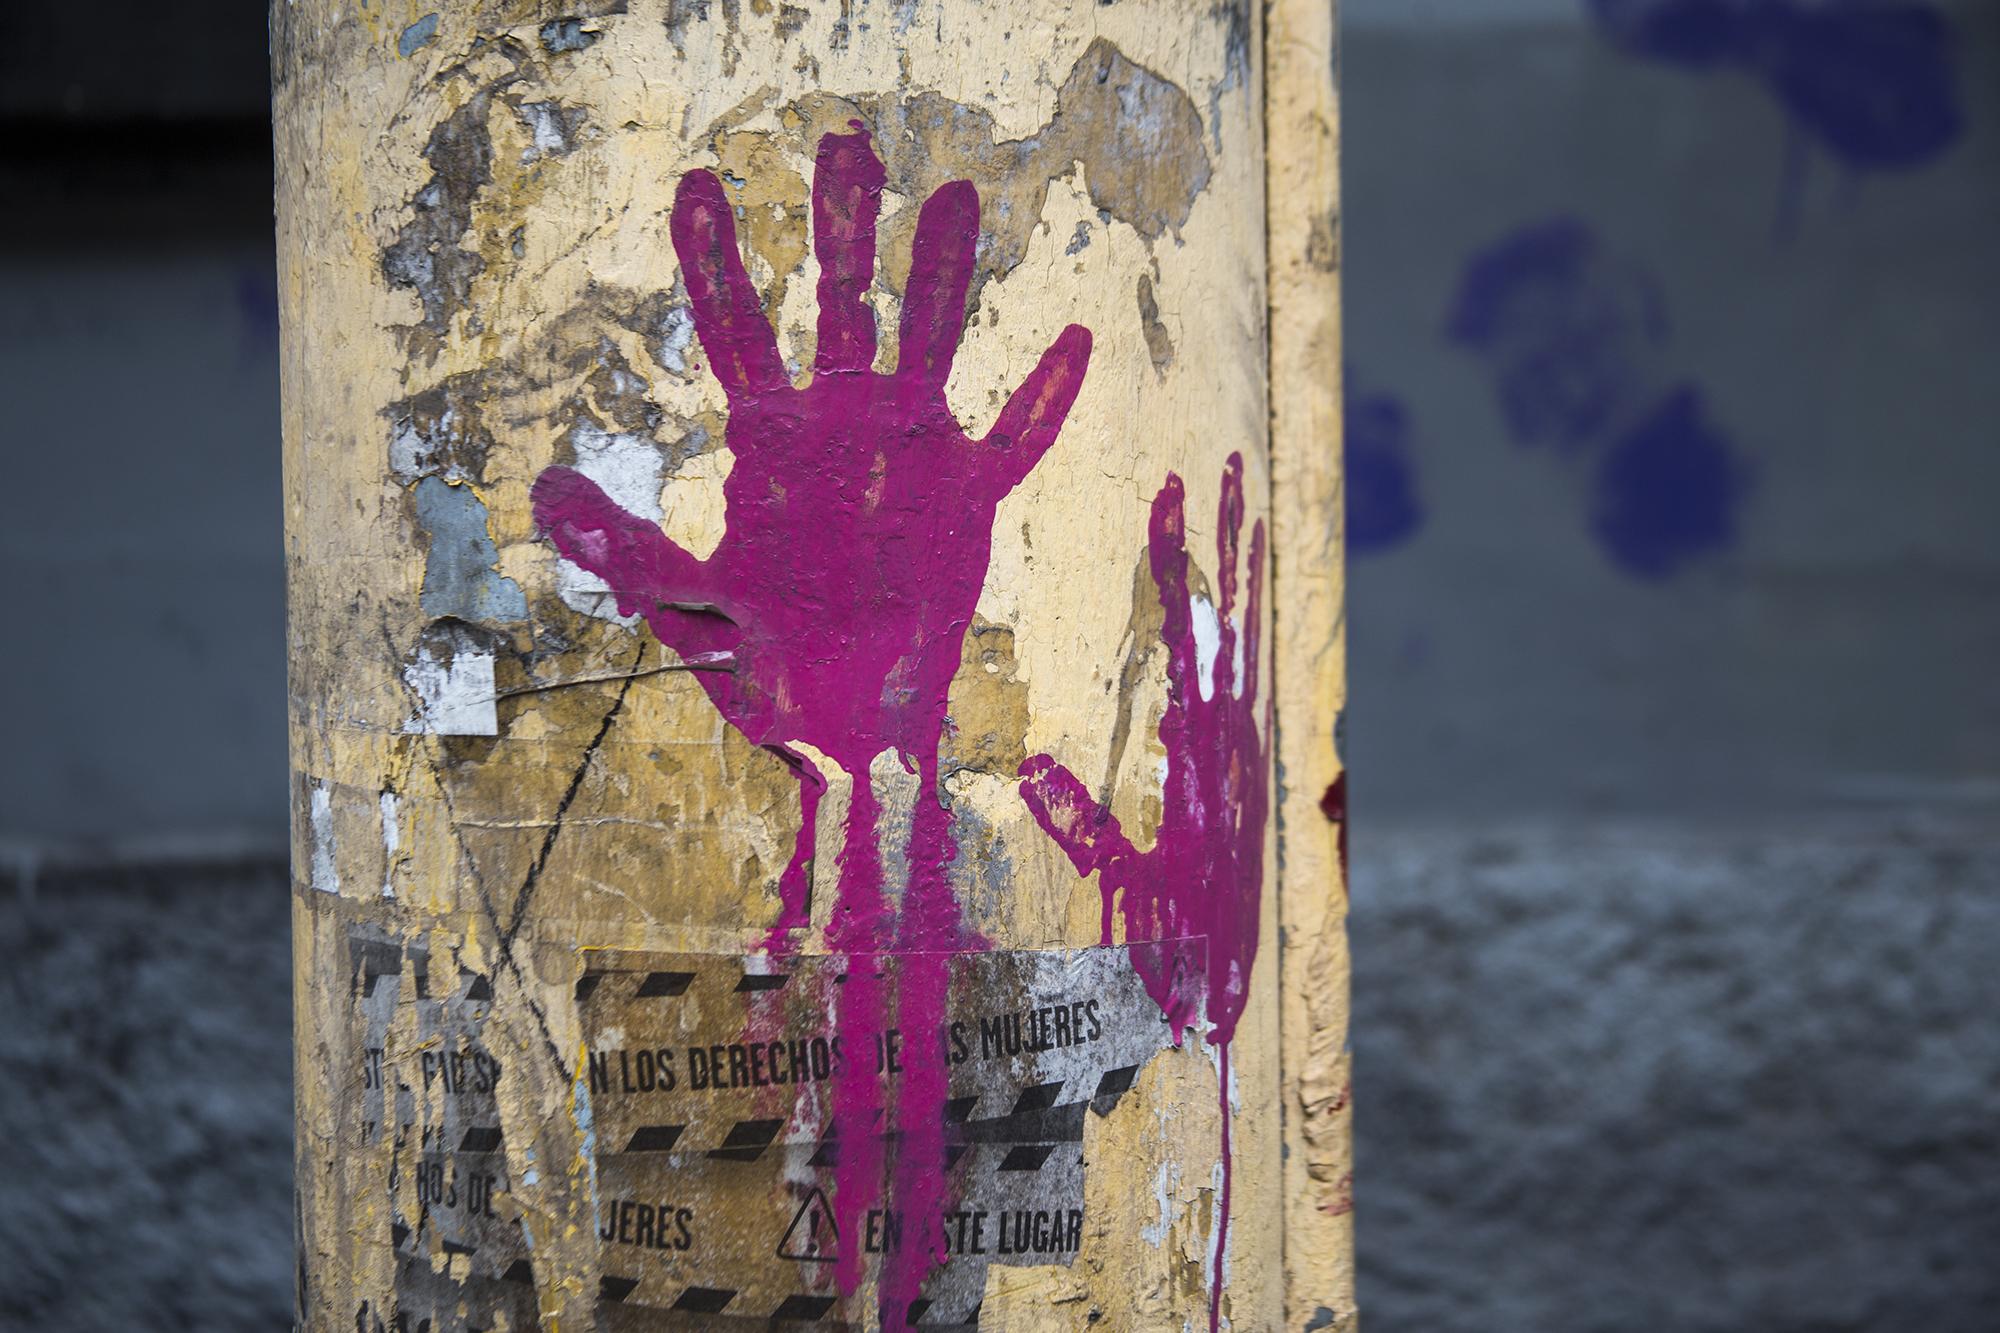 A lo largo del recorrido entre El Arbolito y el Congreso Nacional se pudieron encontrar rastros de la movilización feminista realizada el 8 de marzo de 2020, días antes que se declarara el toque de queda por la pandemia de Covid-19. Tegucigalpa,  25 de enero de 2021. Foto: Ezequiel Sánchez / Contracorriente.